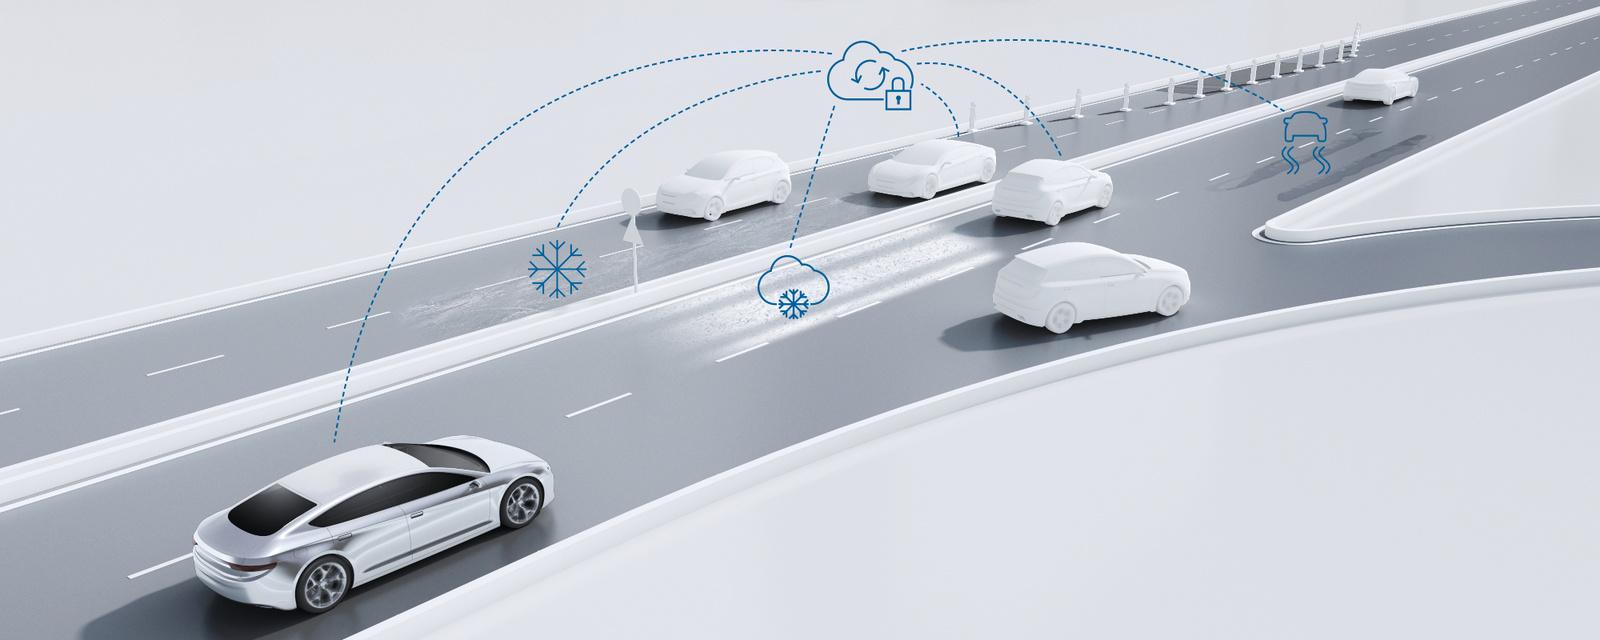 Prediktivní služby o stavu komunikací od společnosti Bosch